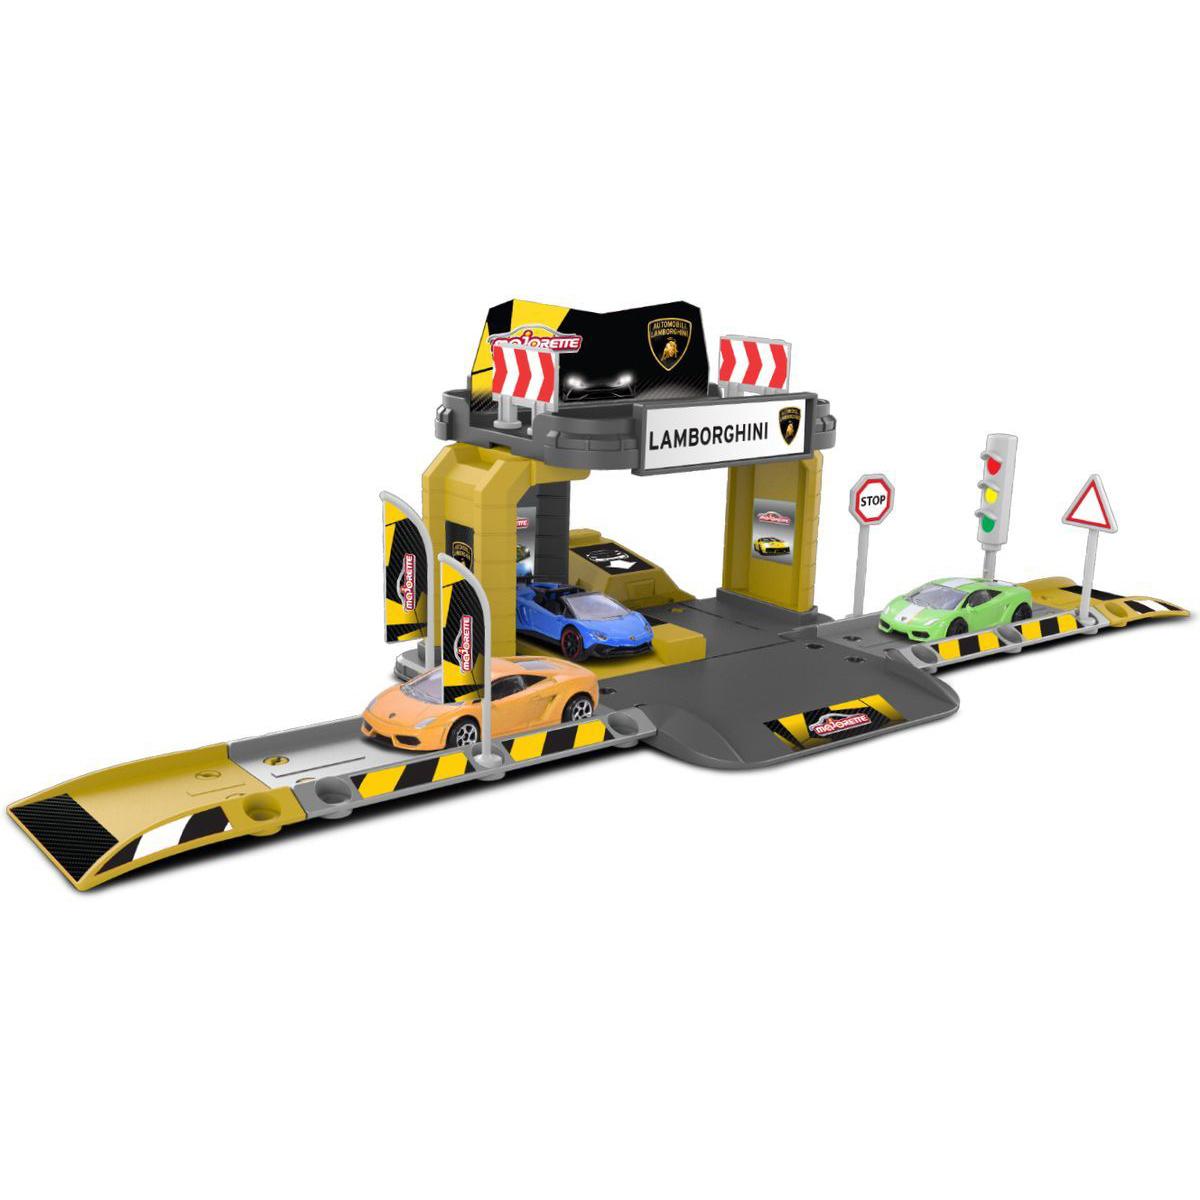 Парковка базовая Creatix Lamborghini с машинкой - Детские парковки и гаражи, артикул: 170624